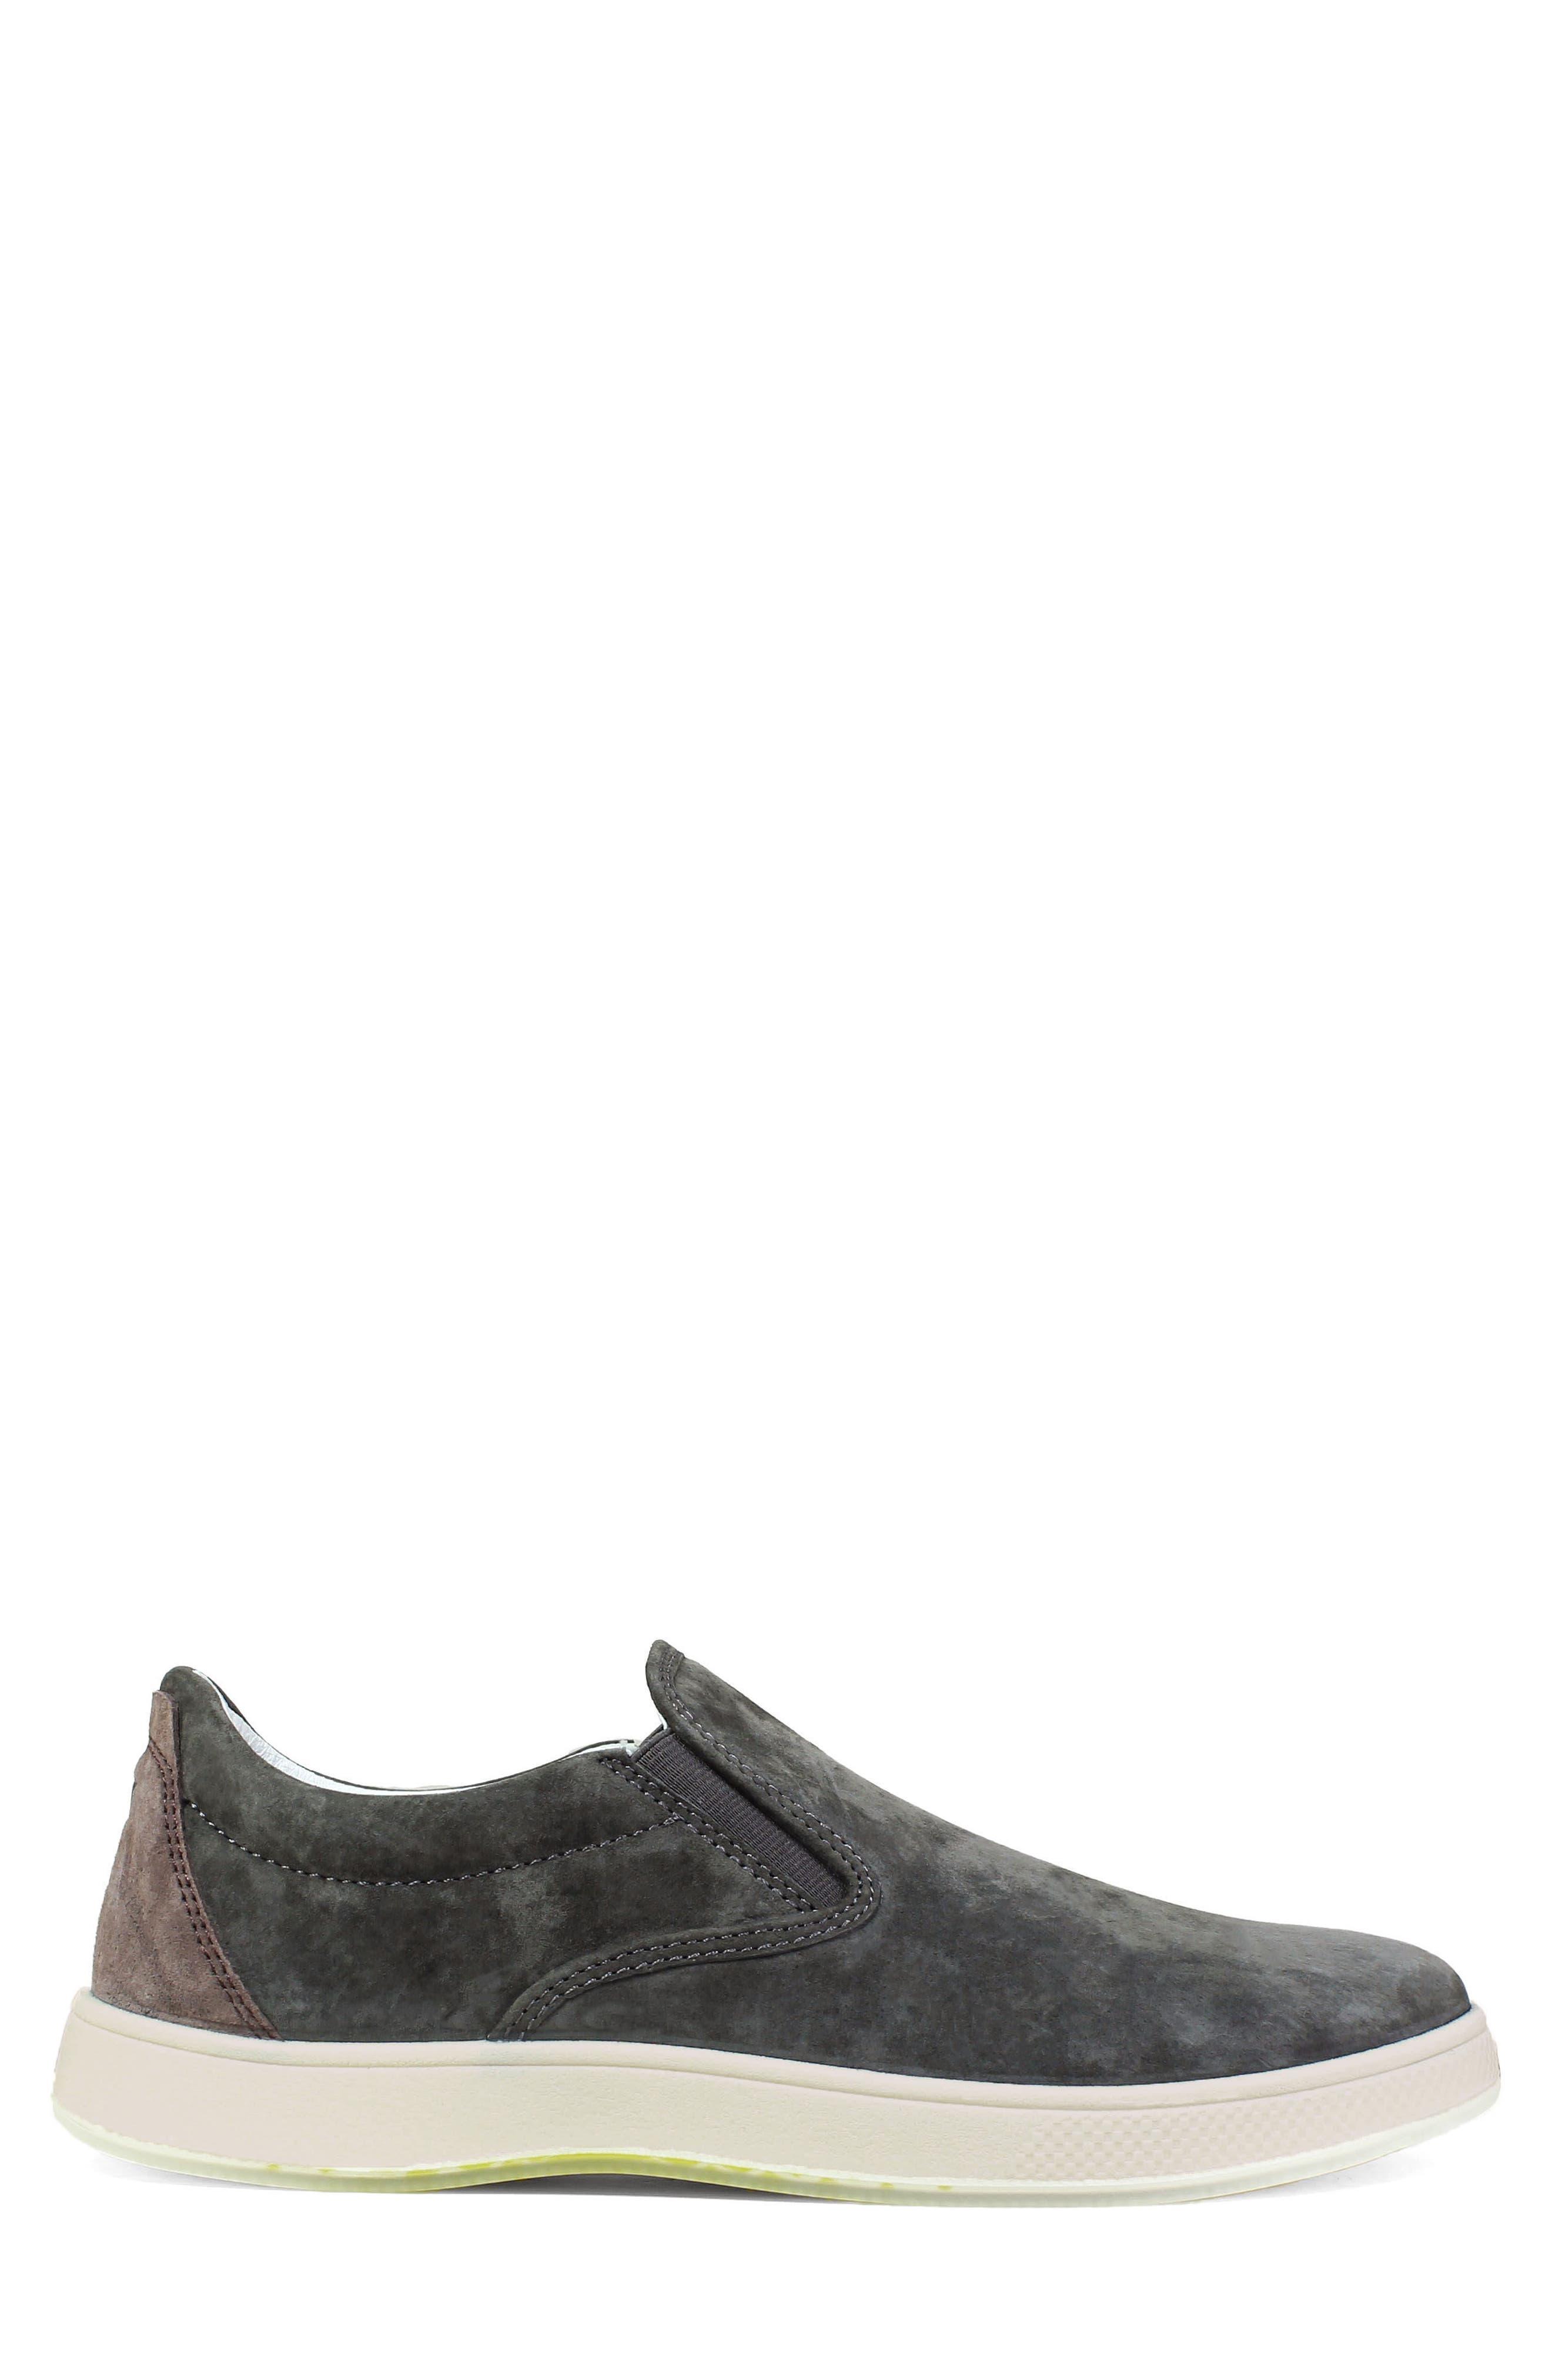 Edge Slip-On Sneaker,                             Alternate thumbnail 3, color,                             Charcoal Nubuck